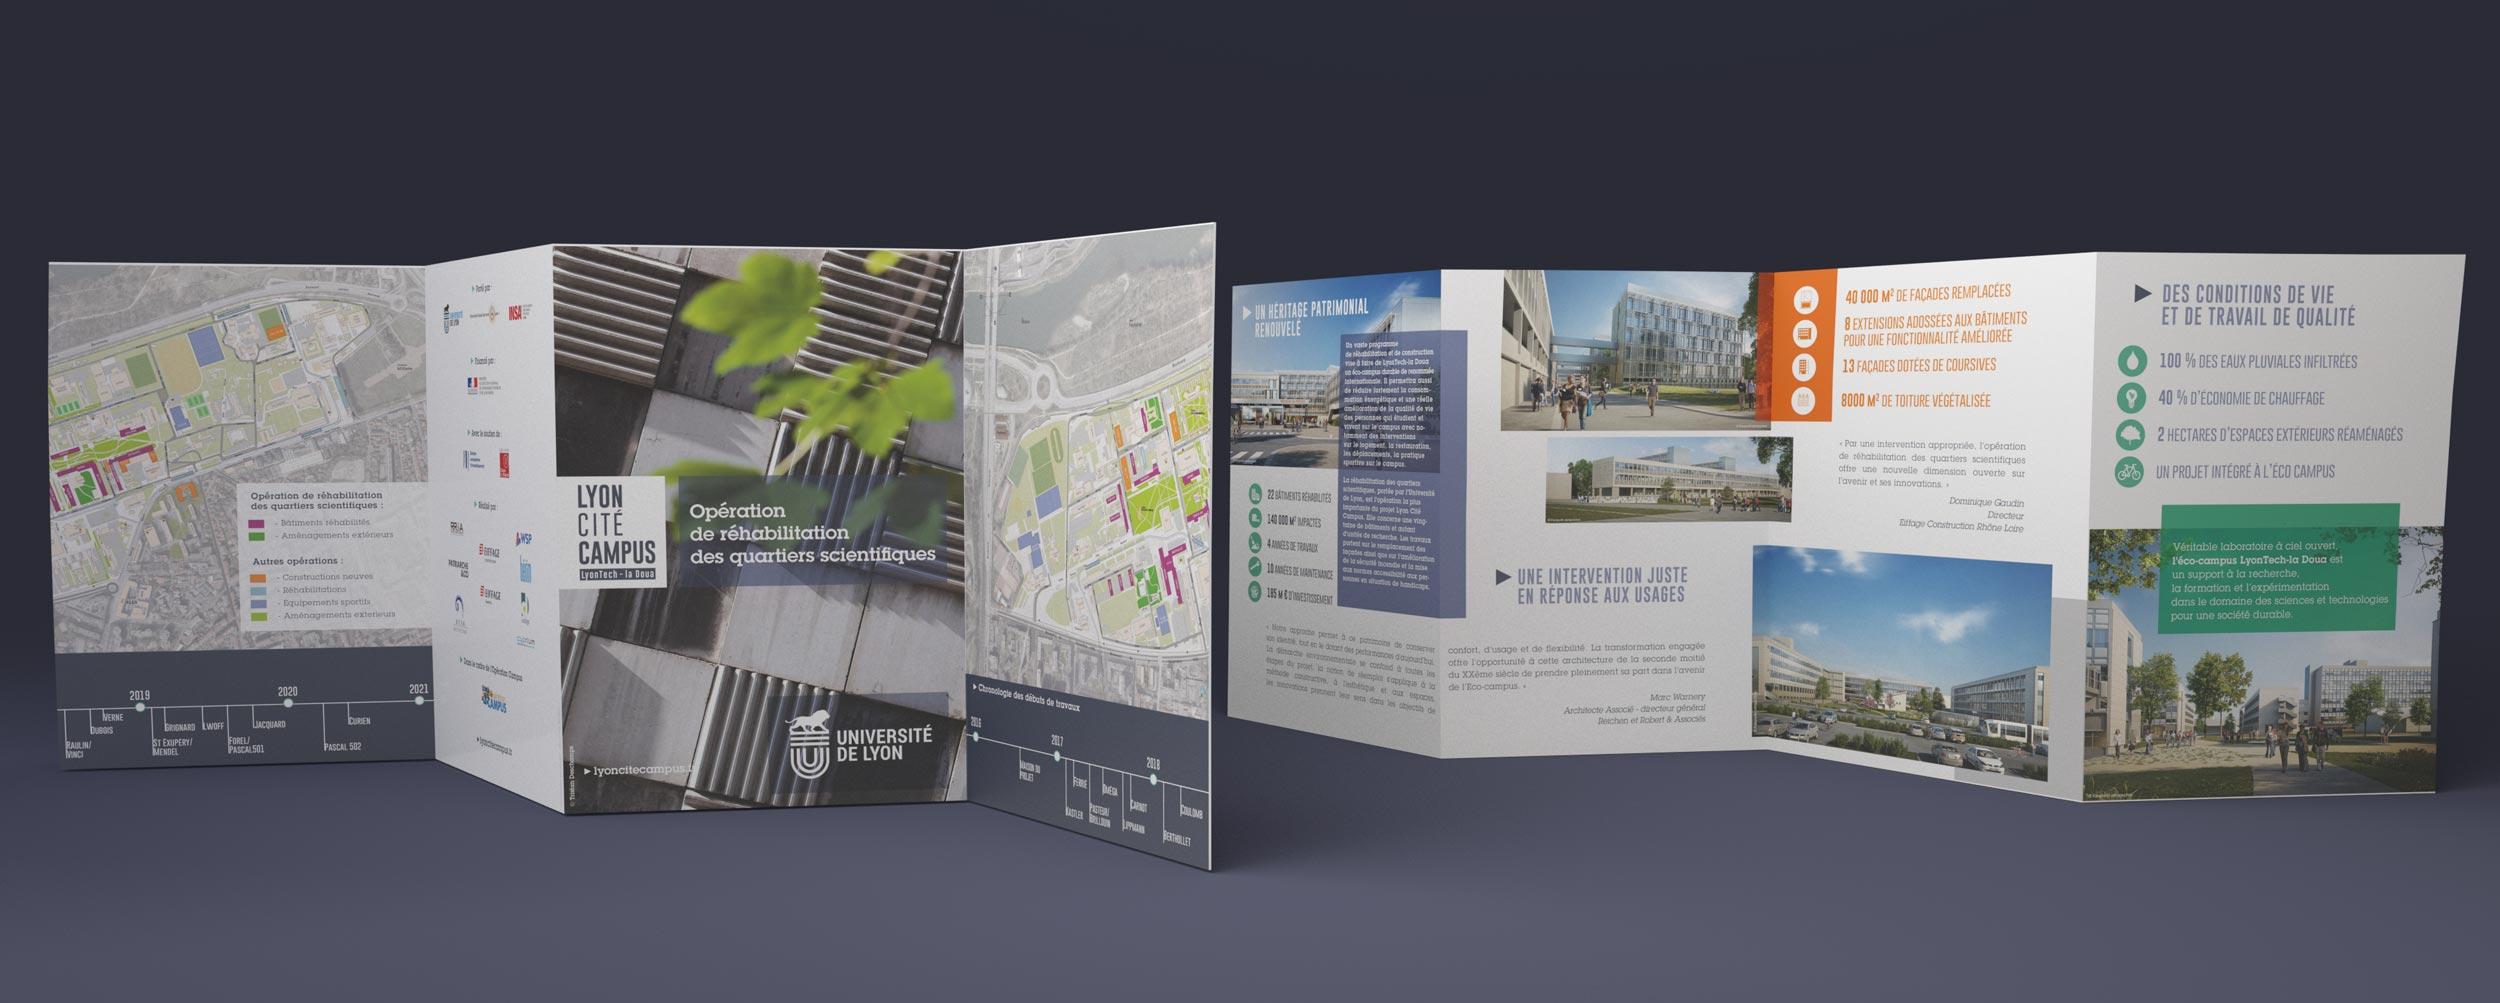 Infographie design identité graphique et communication institutionnelle